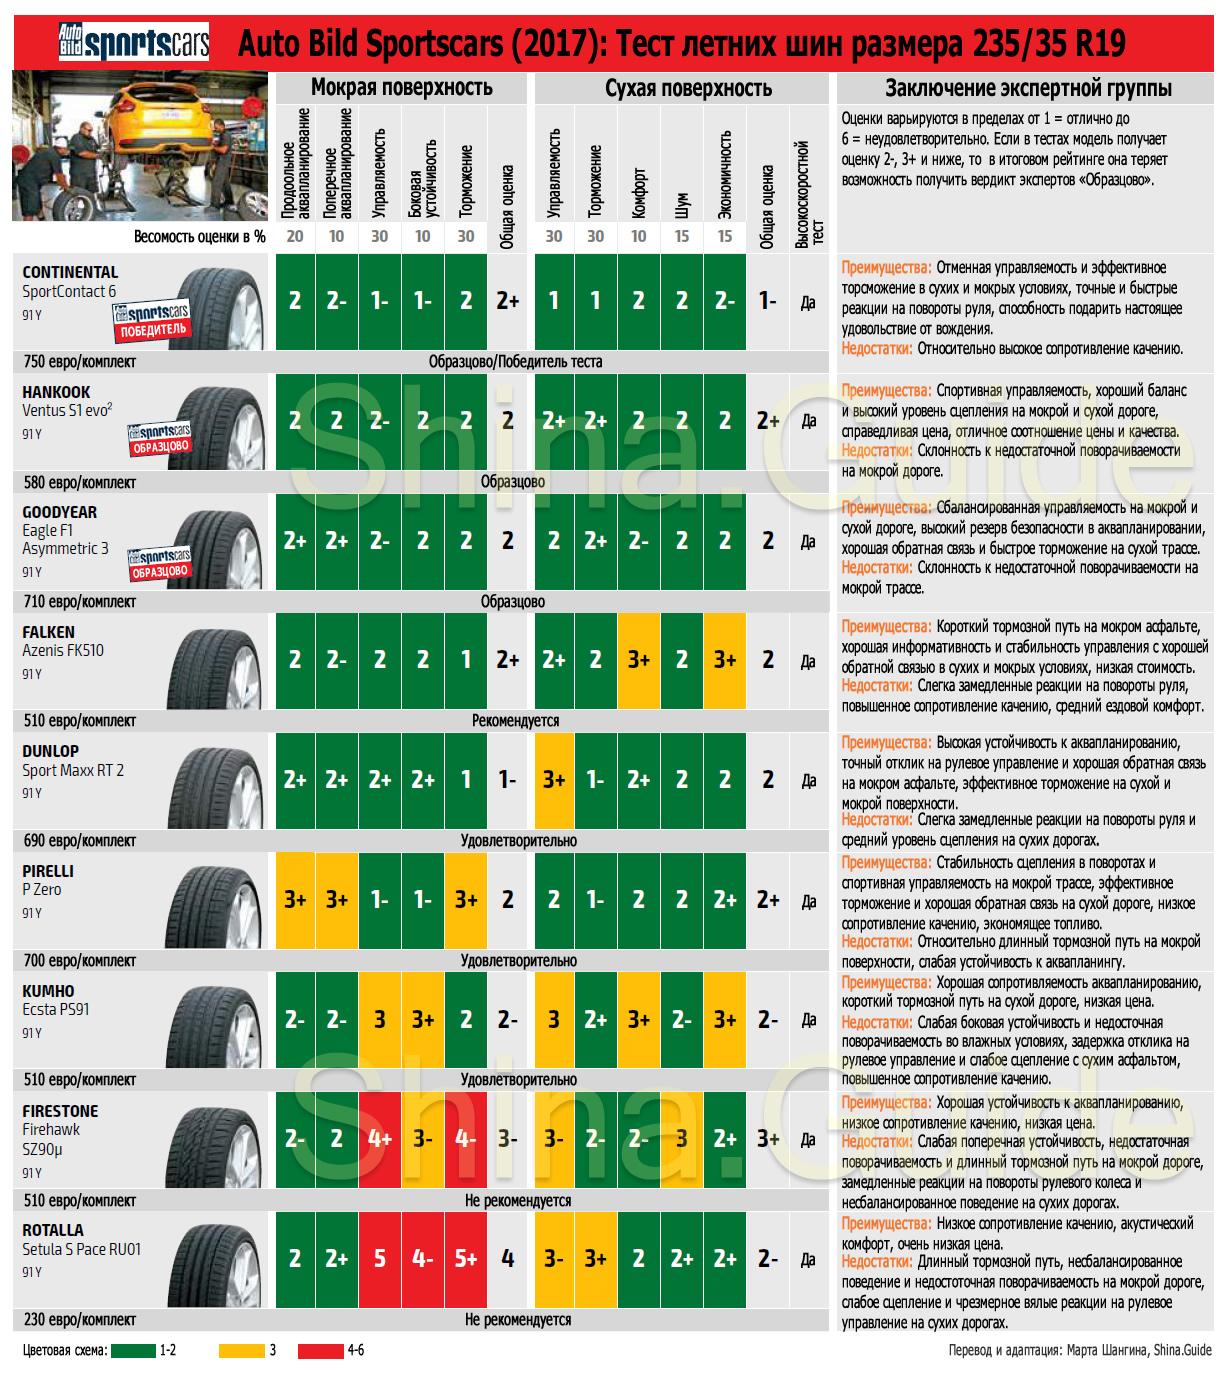 Тест летних шин 235/35 R19, итоги теста Auto Bild Sportscars, 2017